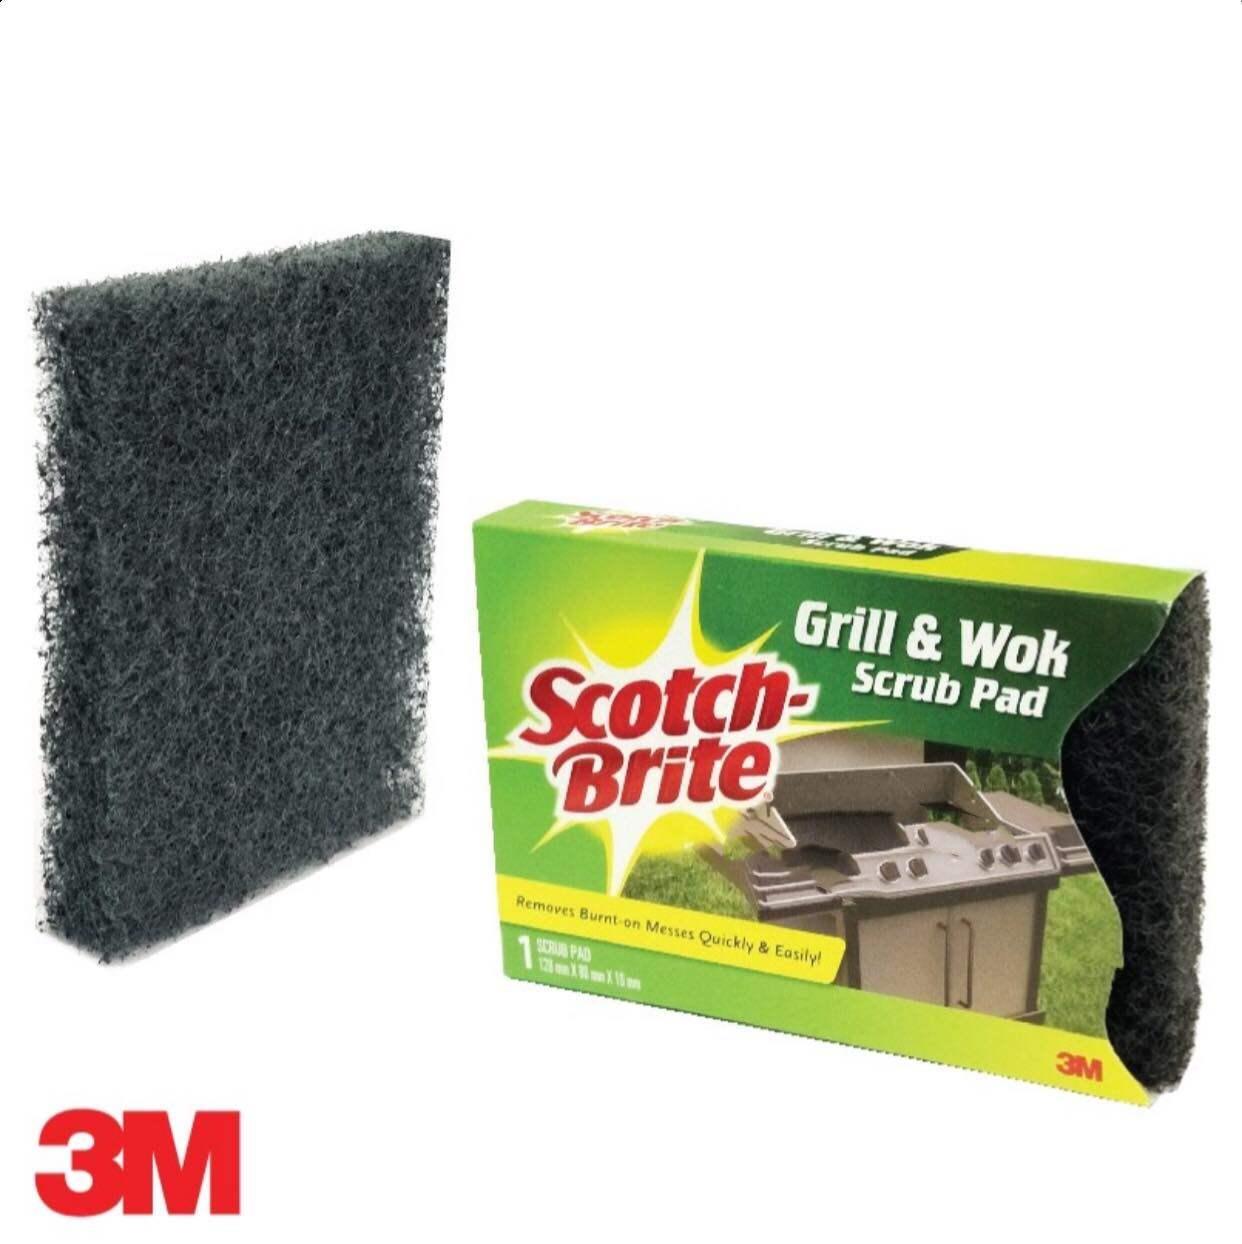 3M Scotch Brite 6621 Grill & Wok Scrub Pad Scrubber Brick Concrete BBQ Brush